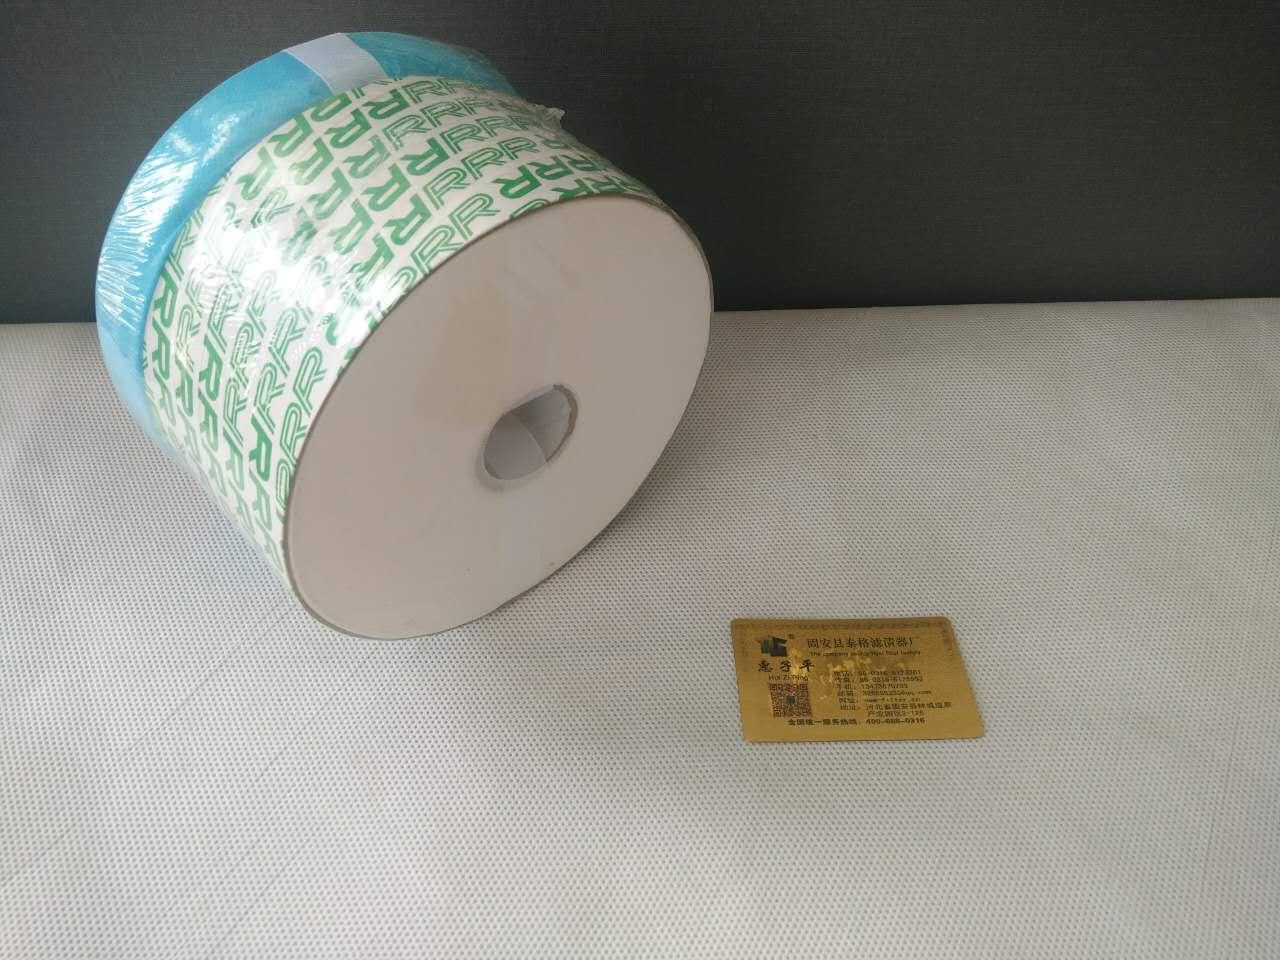 出口品质 M50-H114 TR-20330泰格rrr滤芯